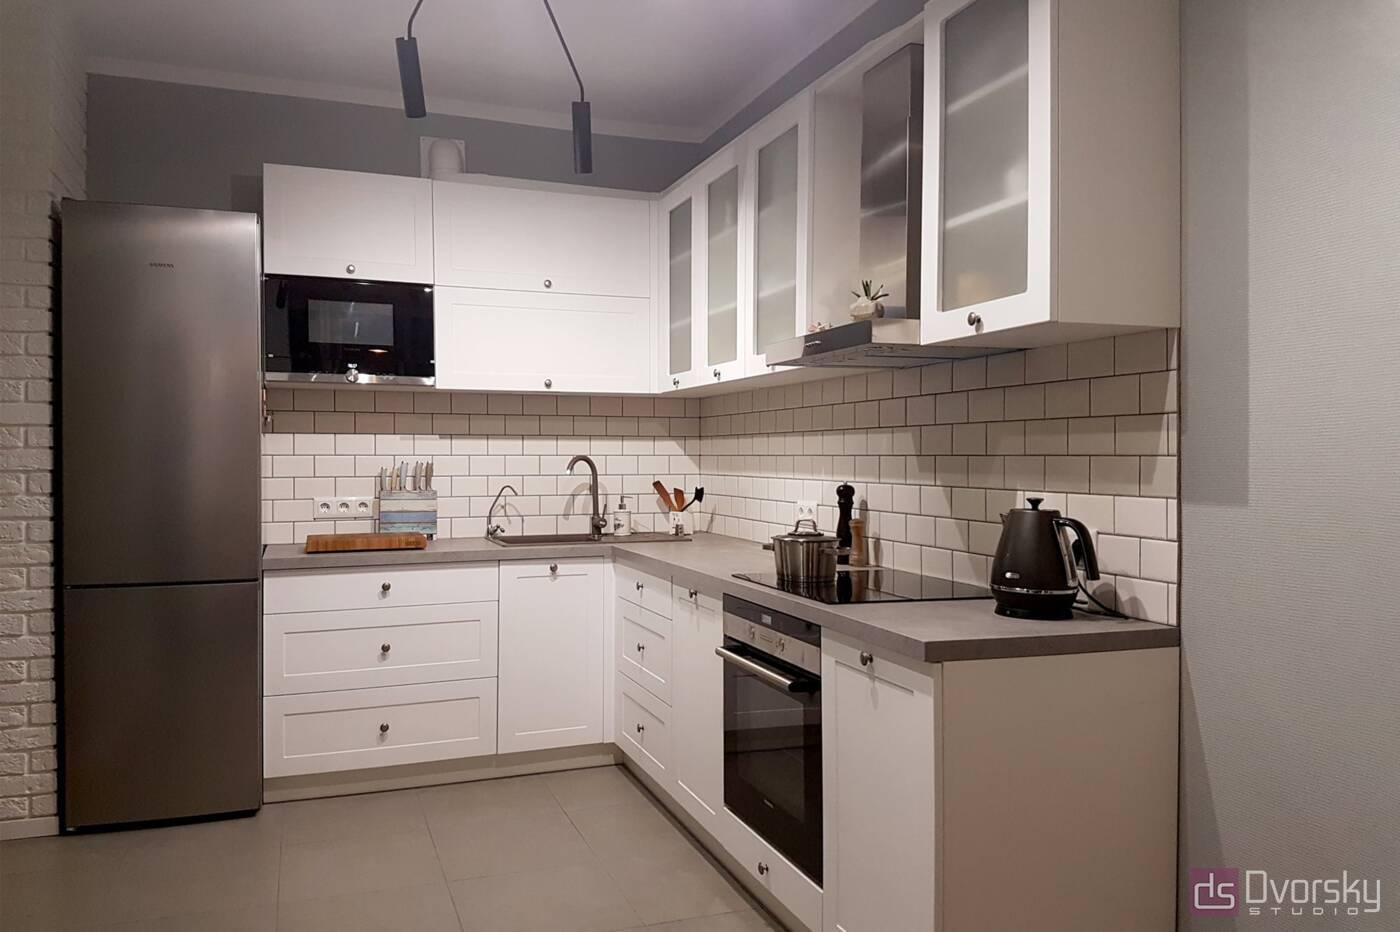 Кутові кухні Cкандинавська кухня - Фото № 1